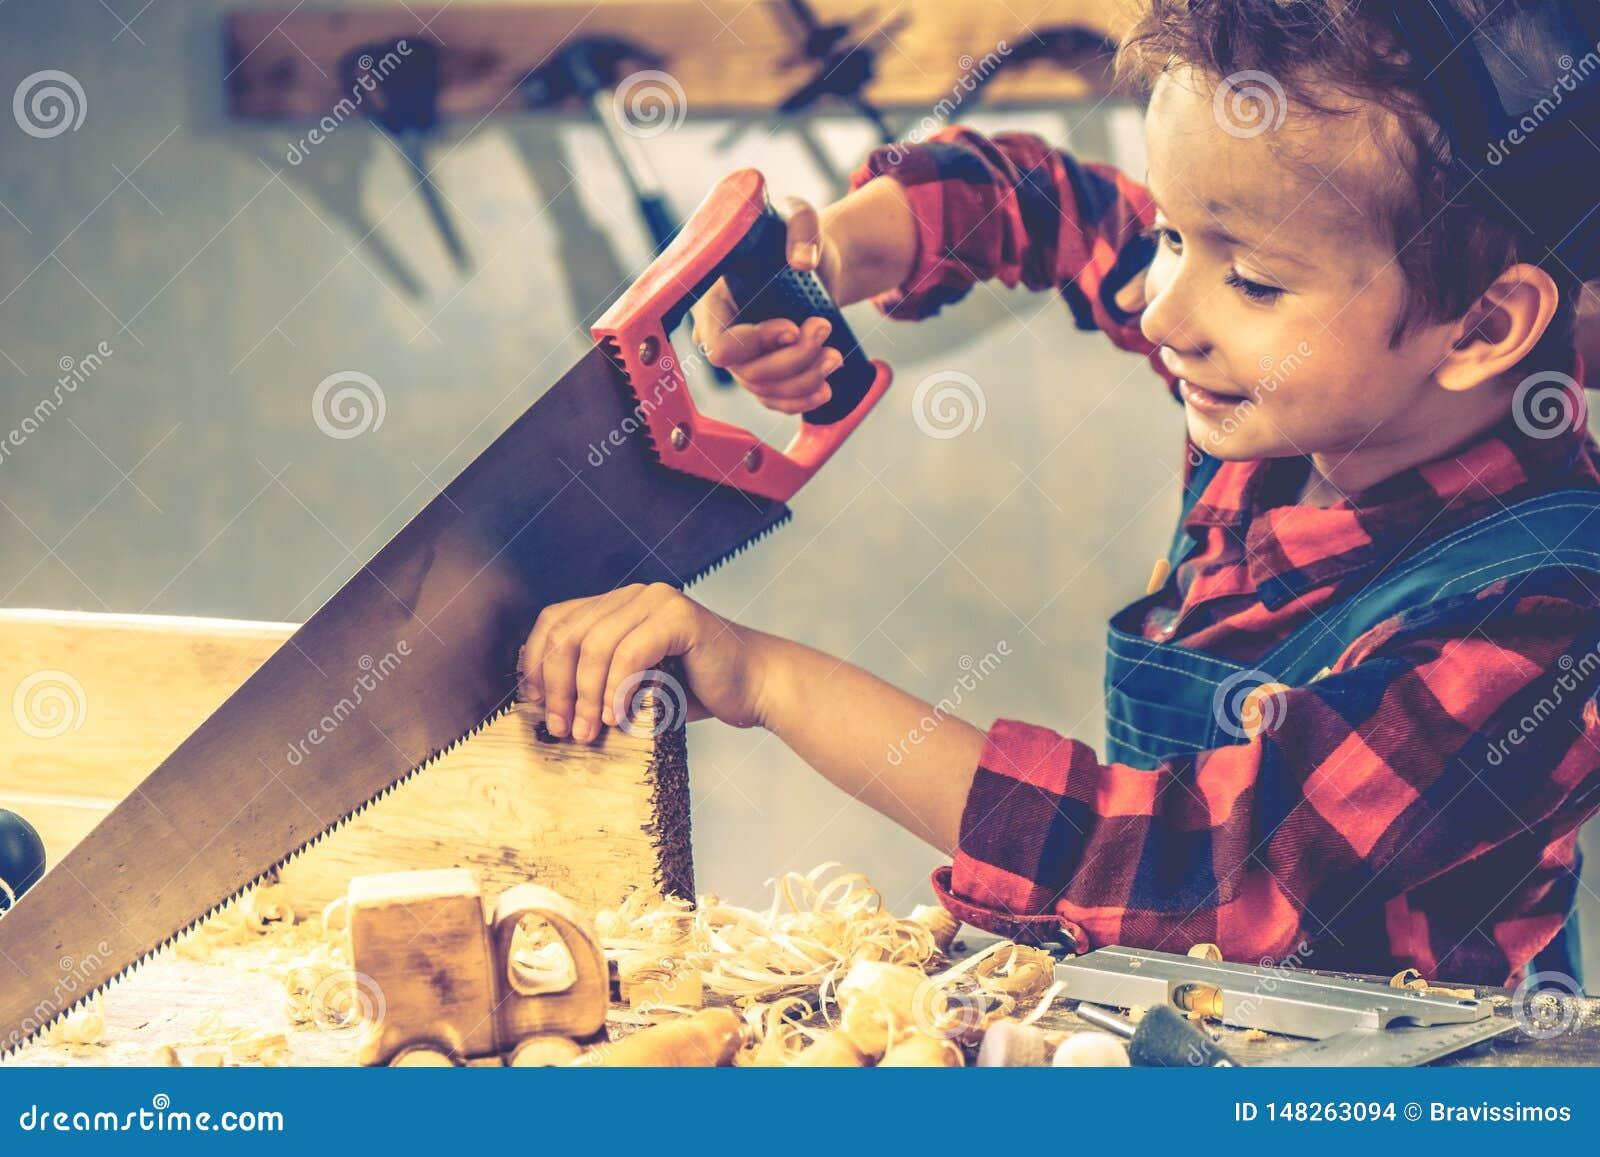 Conceito do dia de pais da criança, ferramenta do carpinteiro, casa do menino